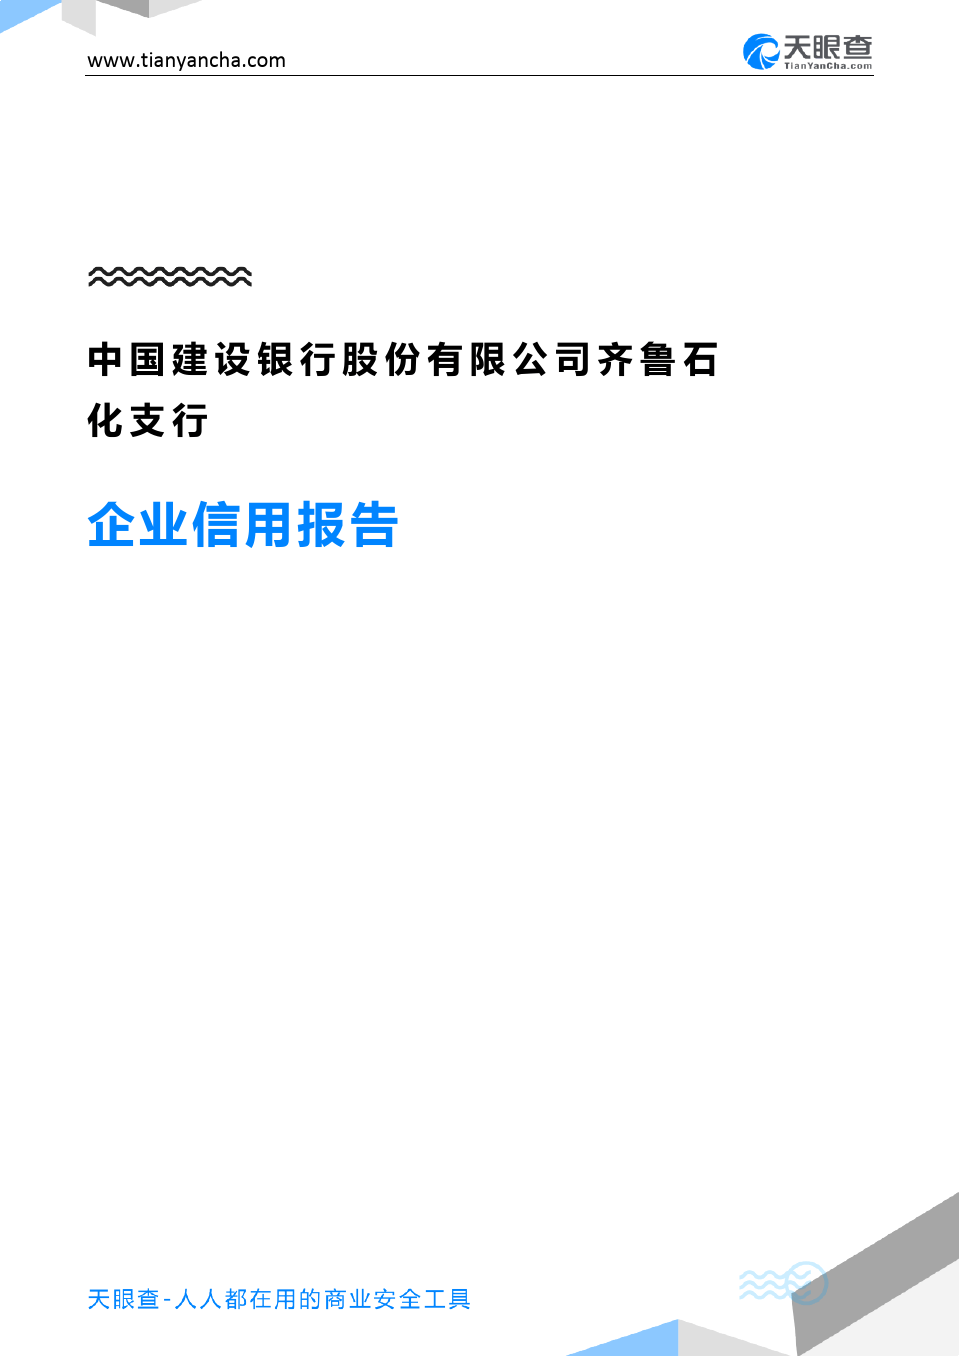 中国建设银行股份有限公司齐鲁石化支行(企业信用报告)- 天眼查